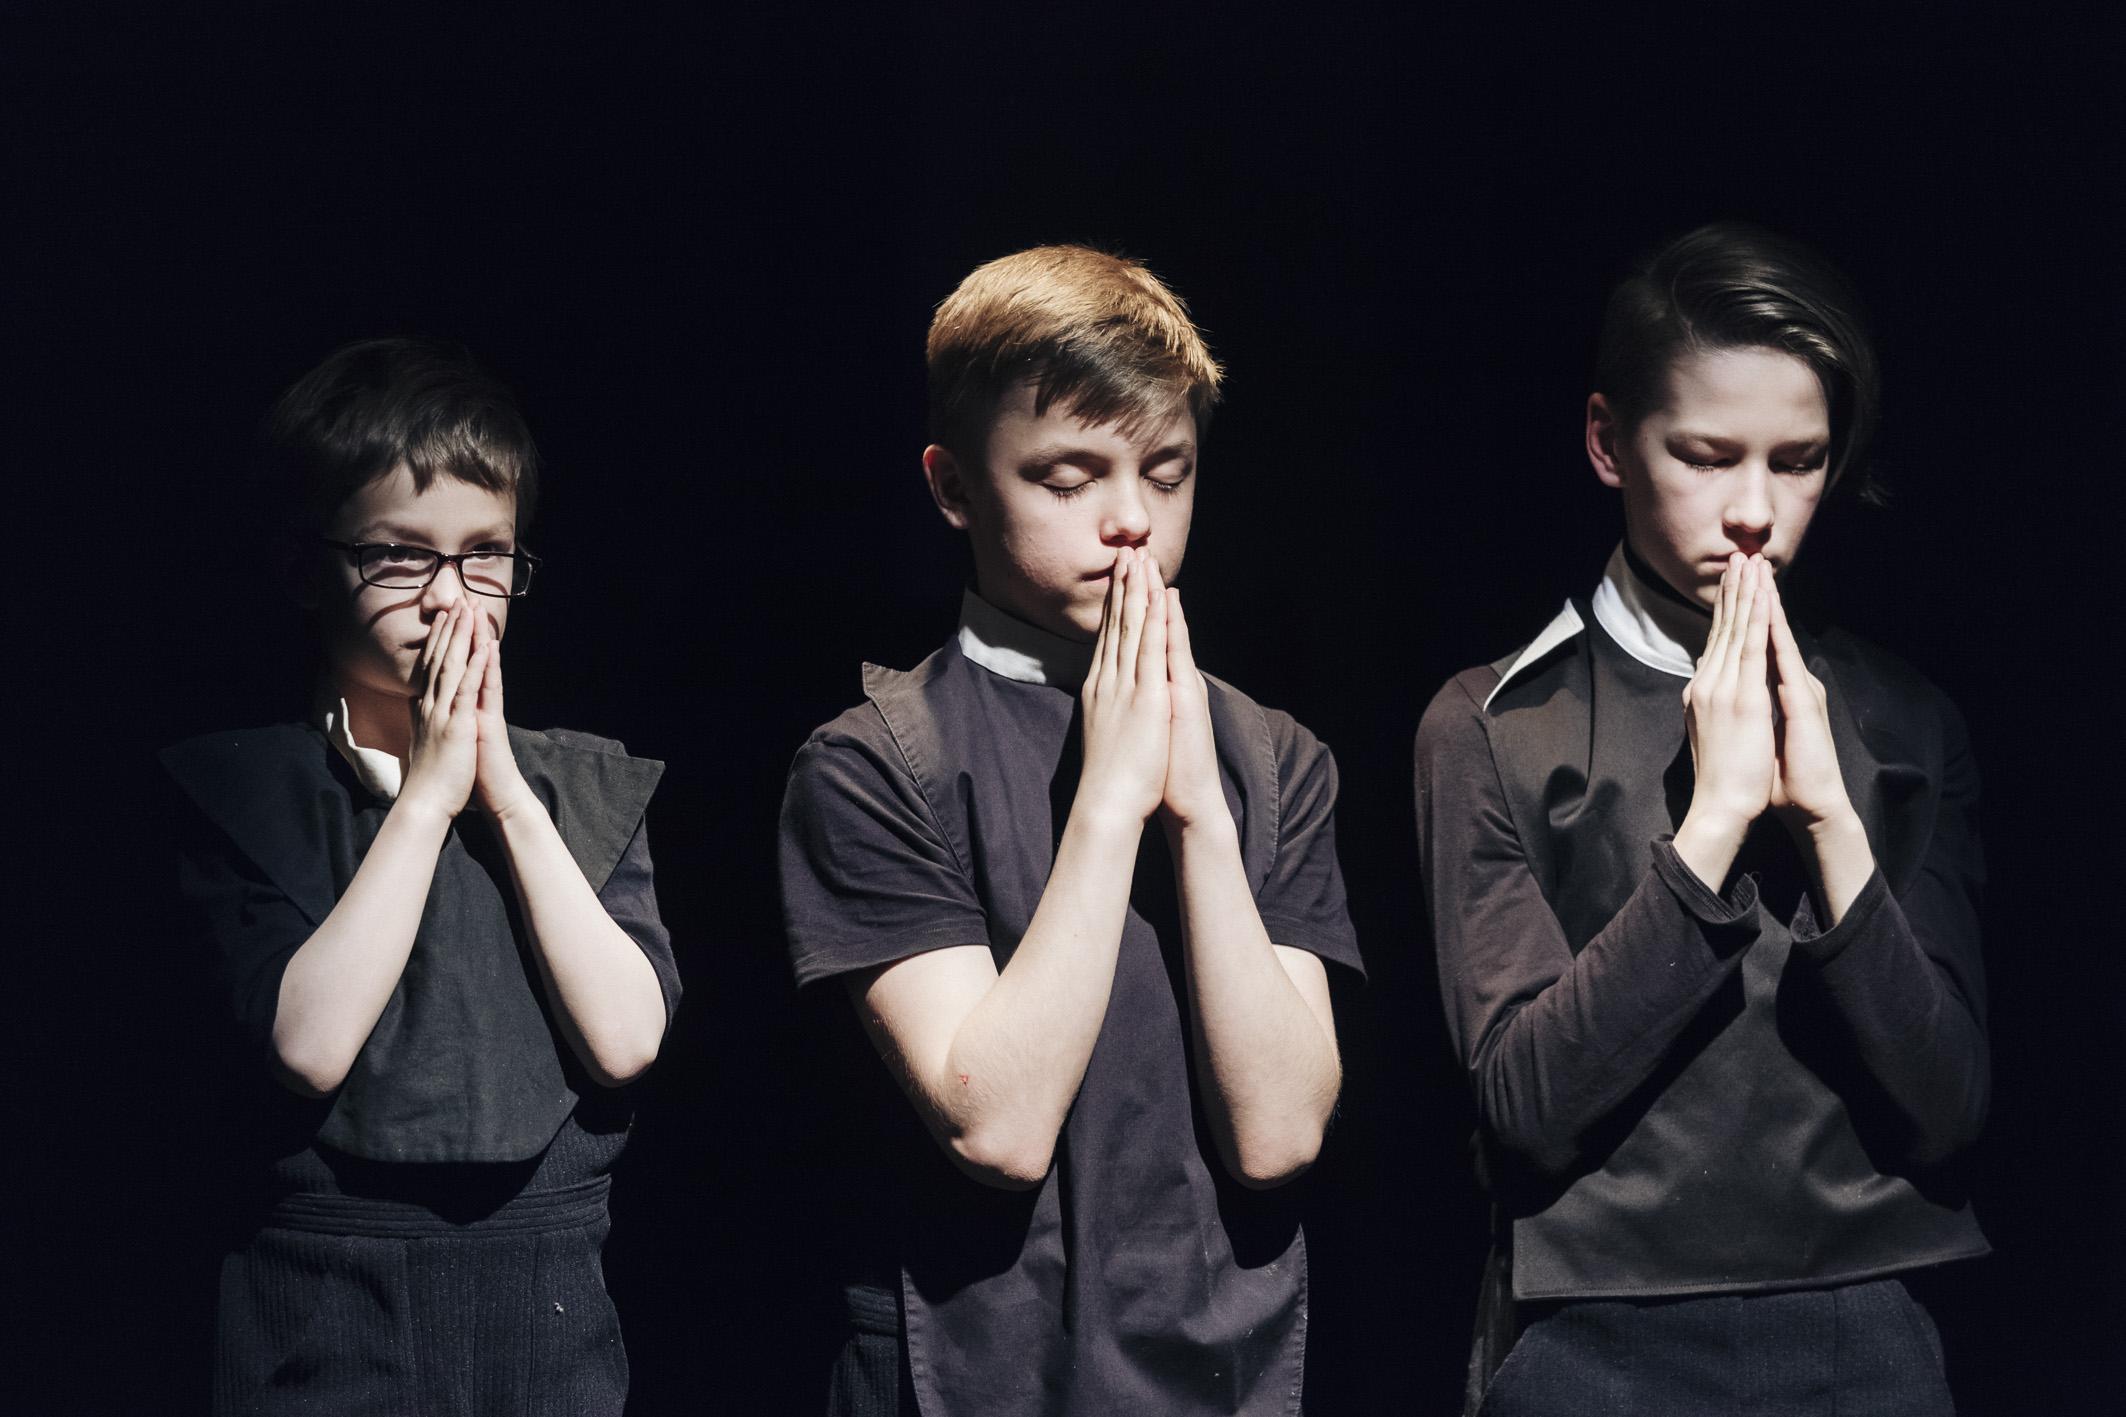 Oskar Fried, Simon Christian, Mika Perner